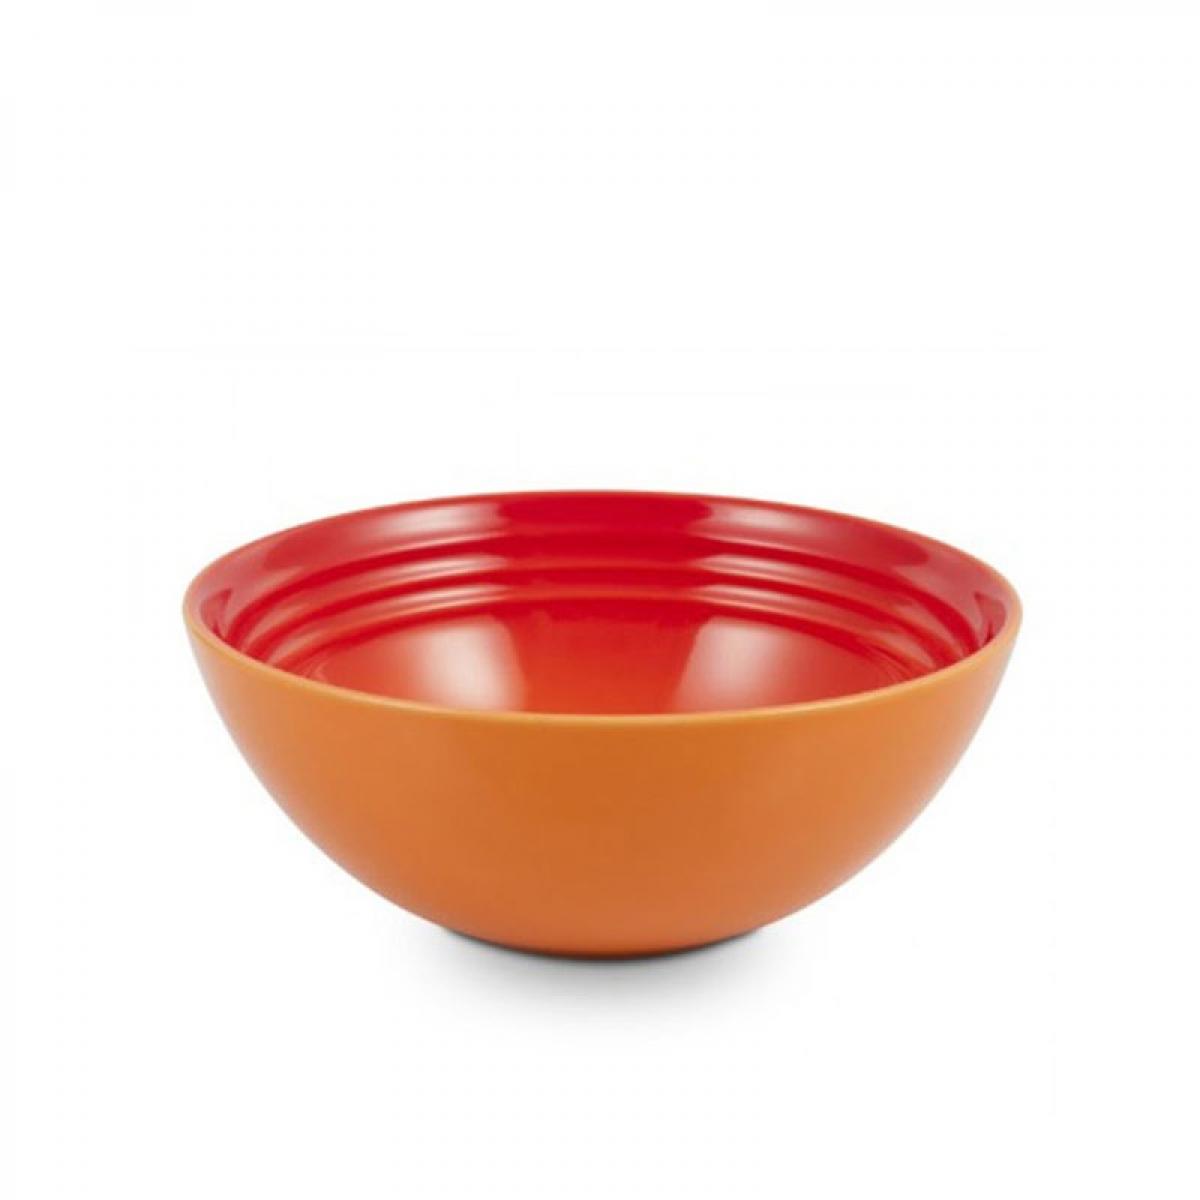 Bowl Cereal Le Creuset Laranja P